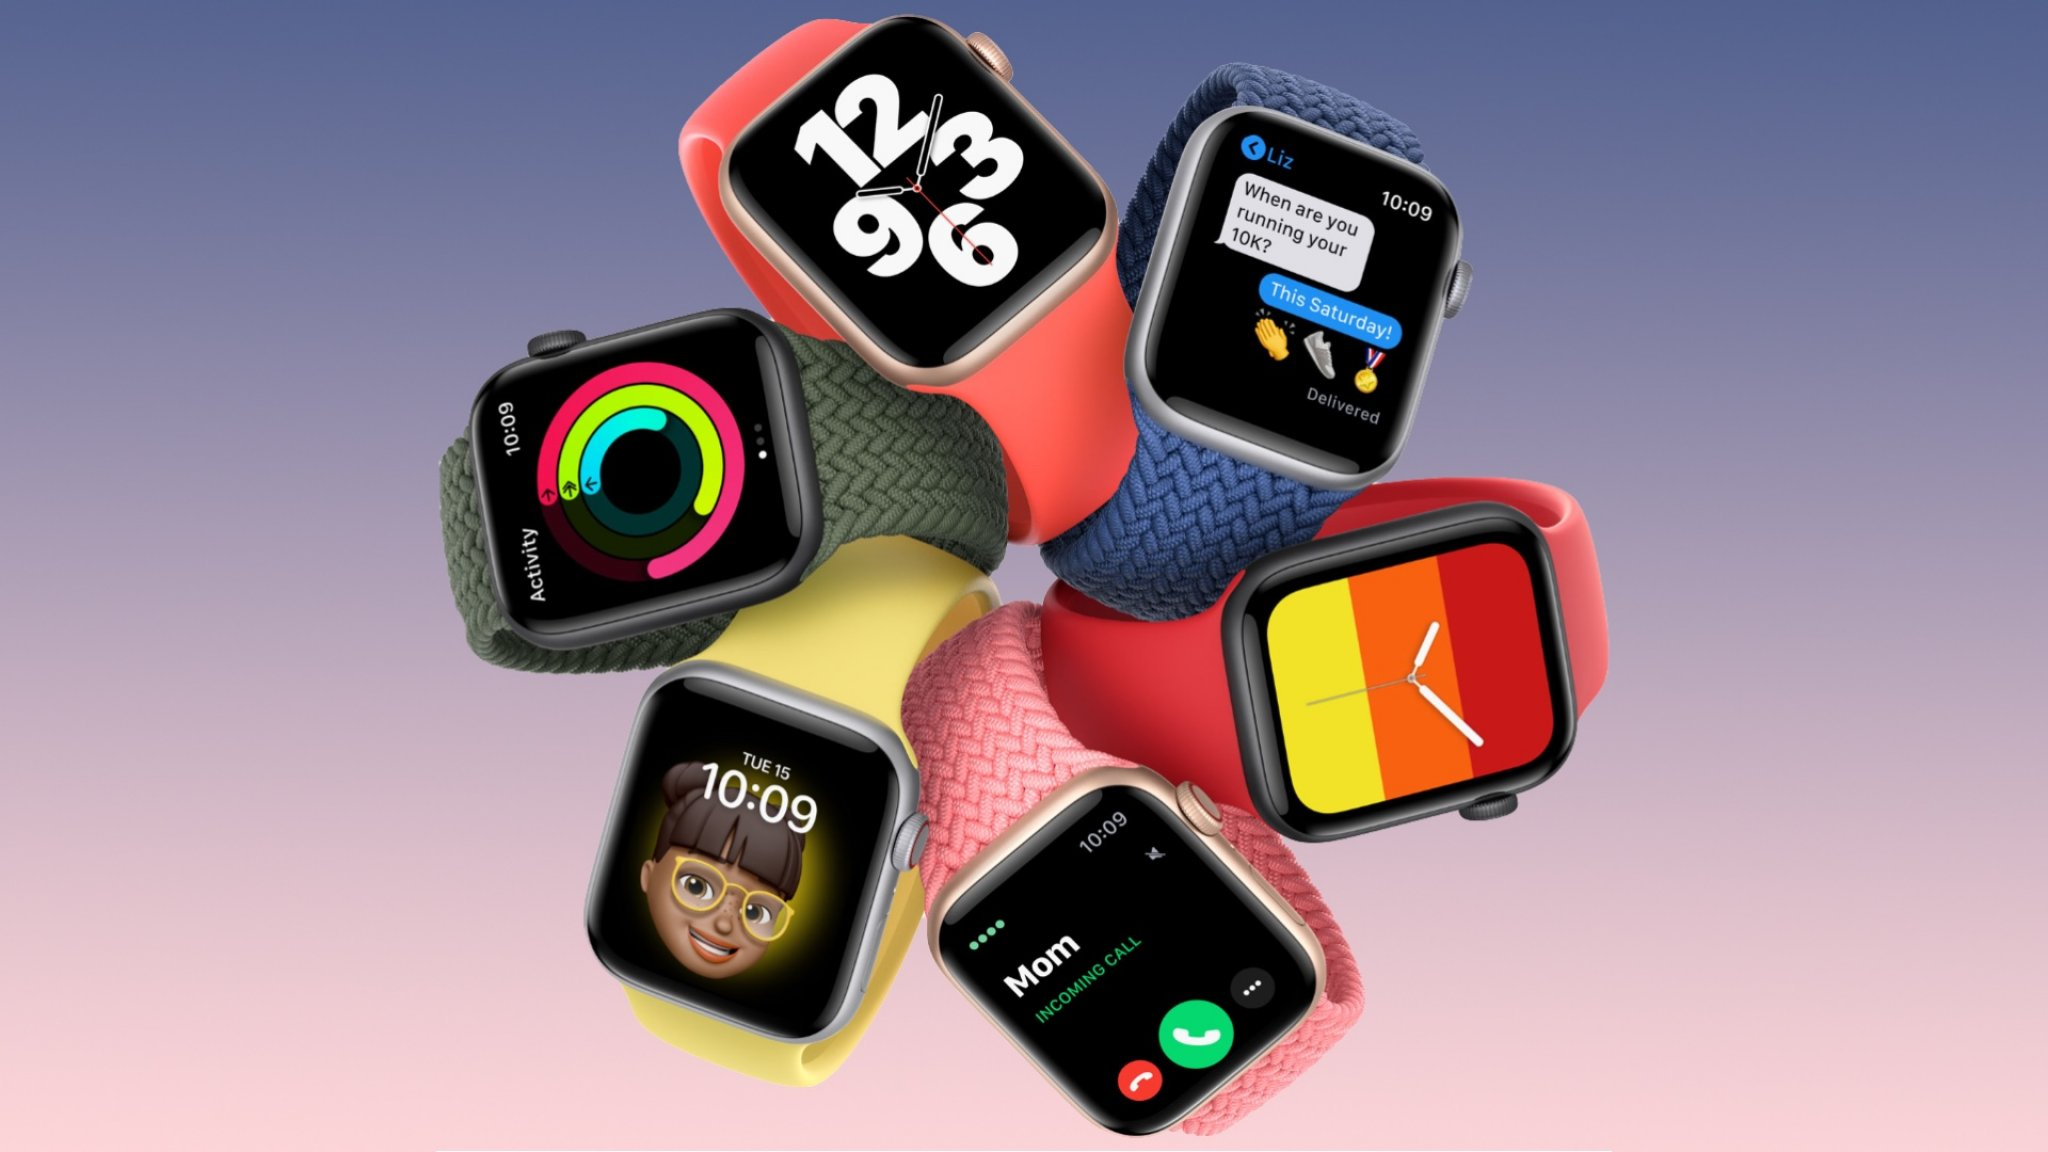 'Apple Watch vergroot voorsprong op markt voor slimme horloges' - RTL Nieuws